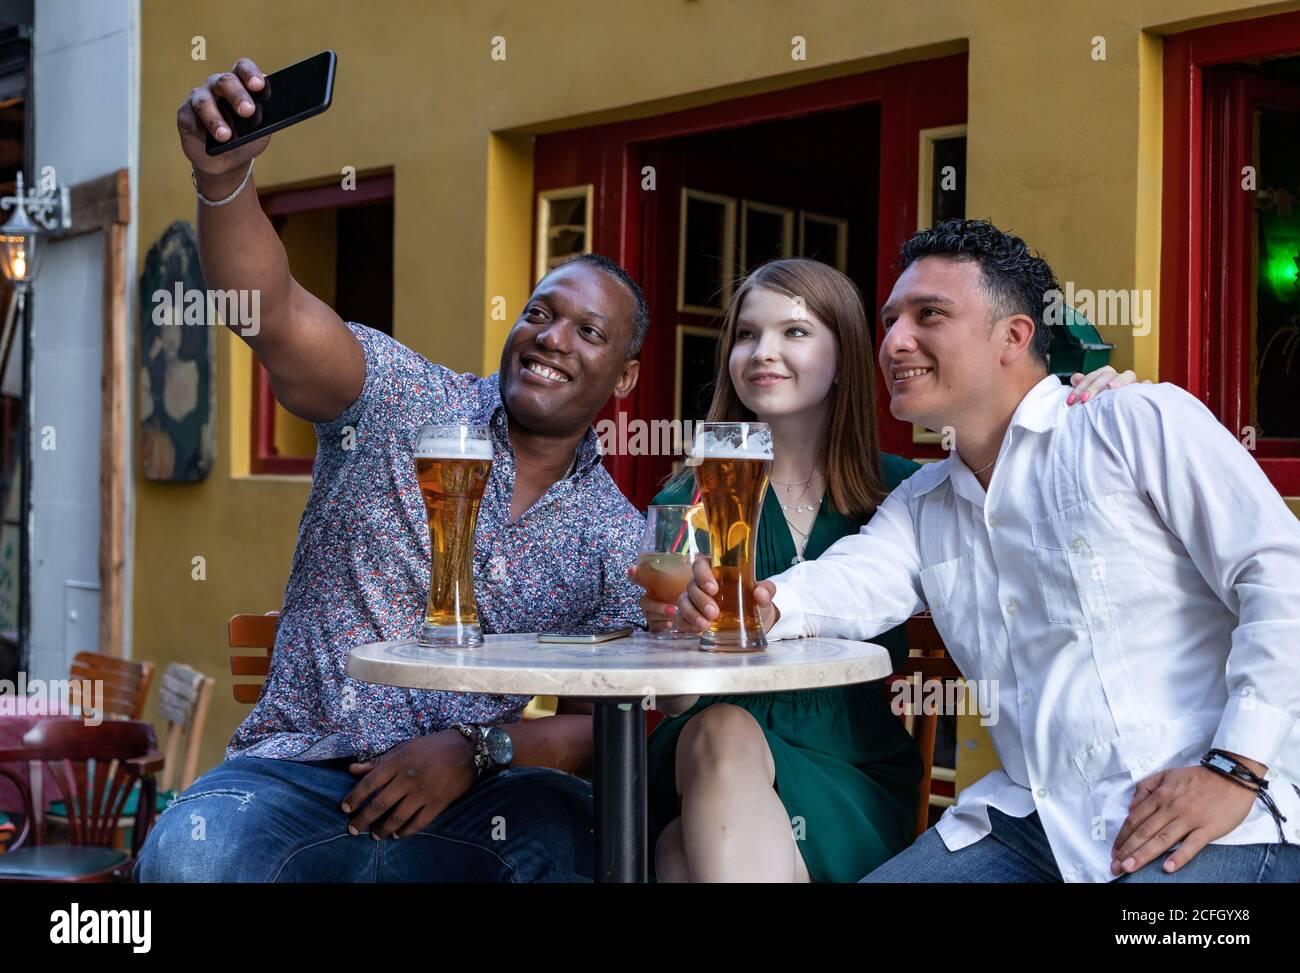 Gruppo multirazziale di amici che bevono e prendono selfie sulla terrazza della strada del caffè. Concetto di amicizia con giovani multietnici che godono di tempo Foto Stock